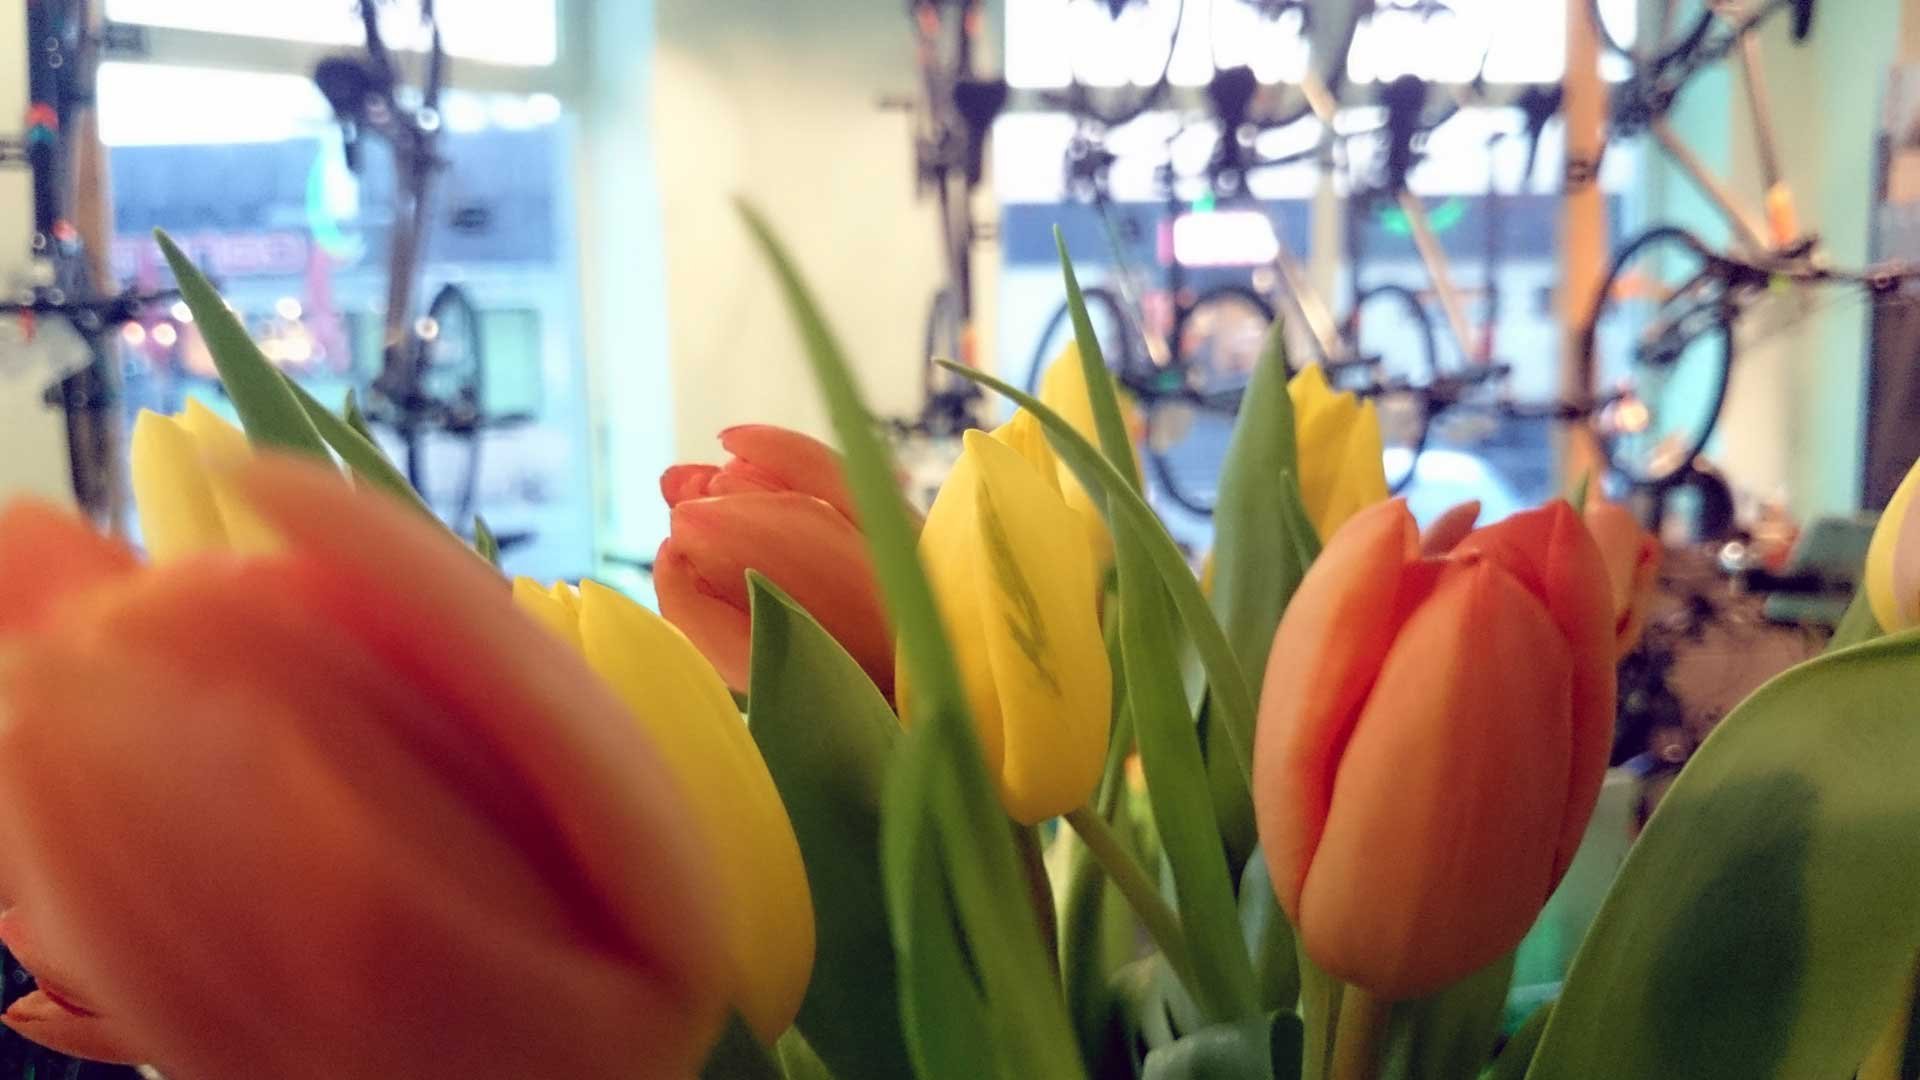 Fahrrad Checkliste fürs Frühjahr - Frühlingserwachen